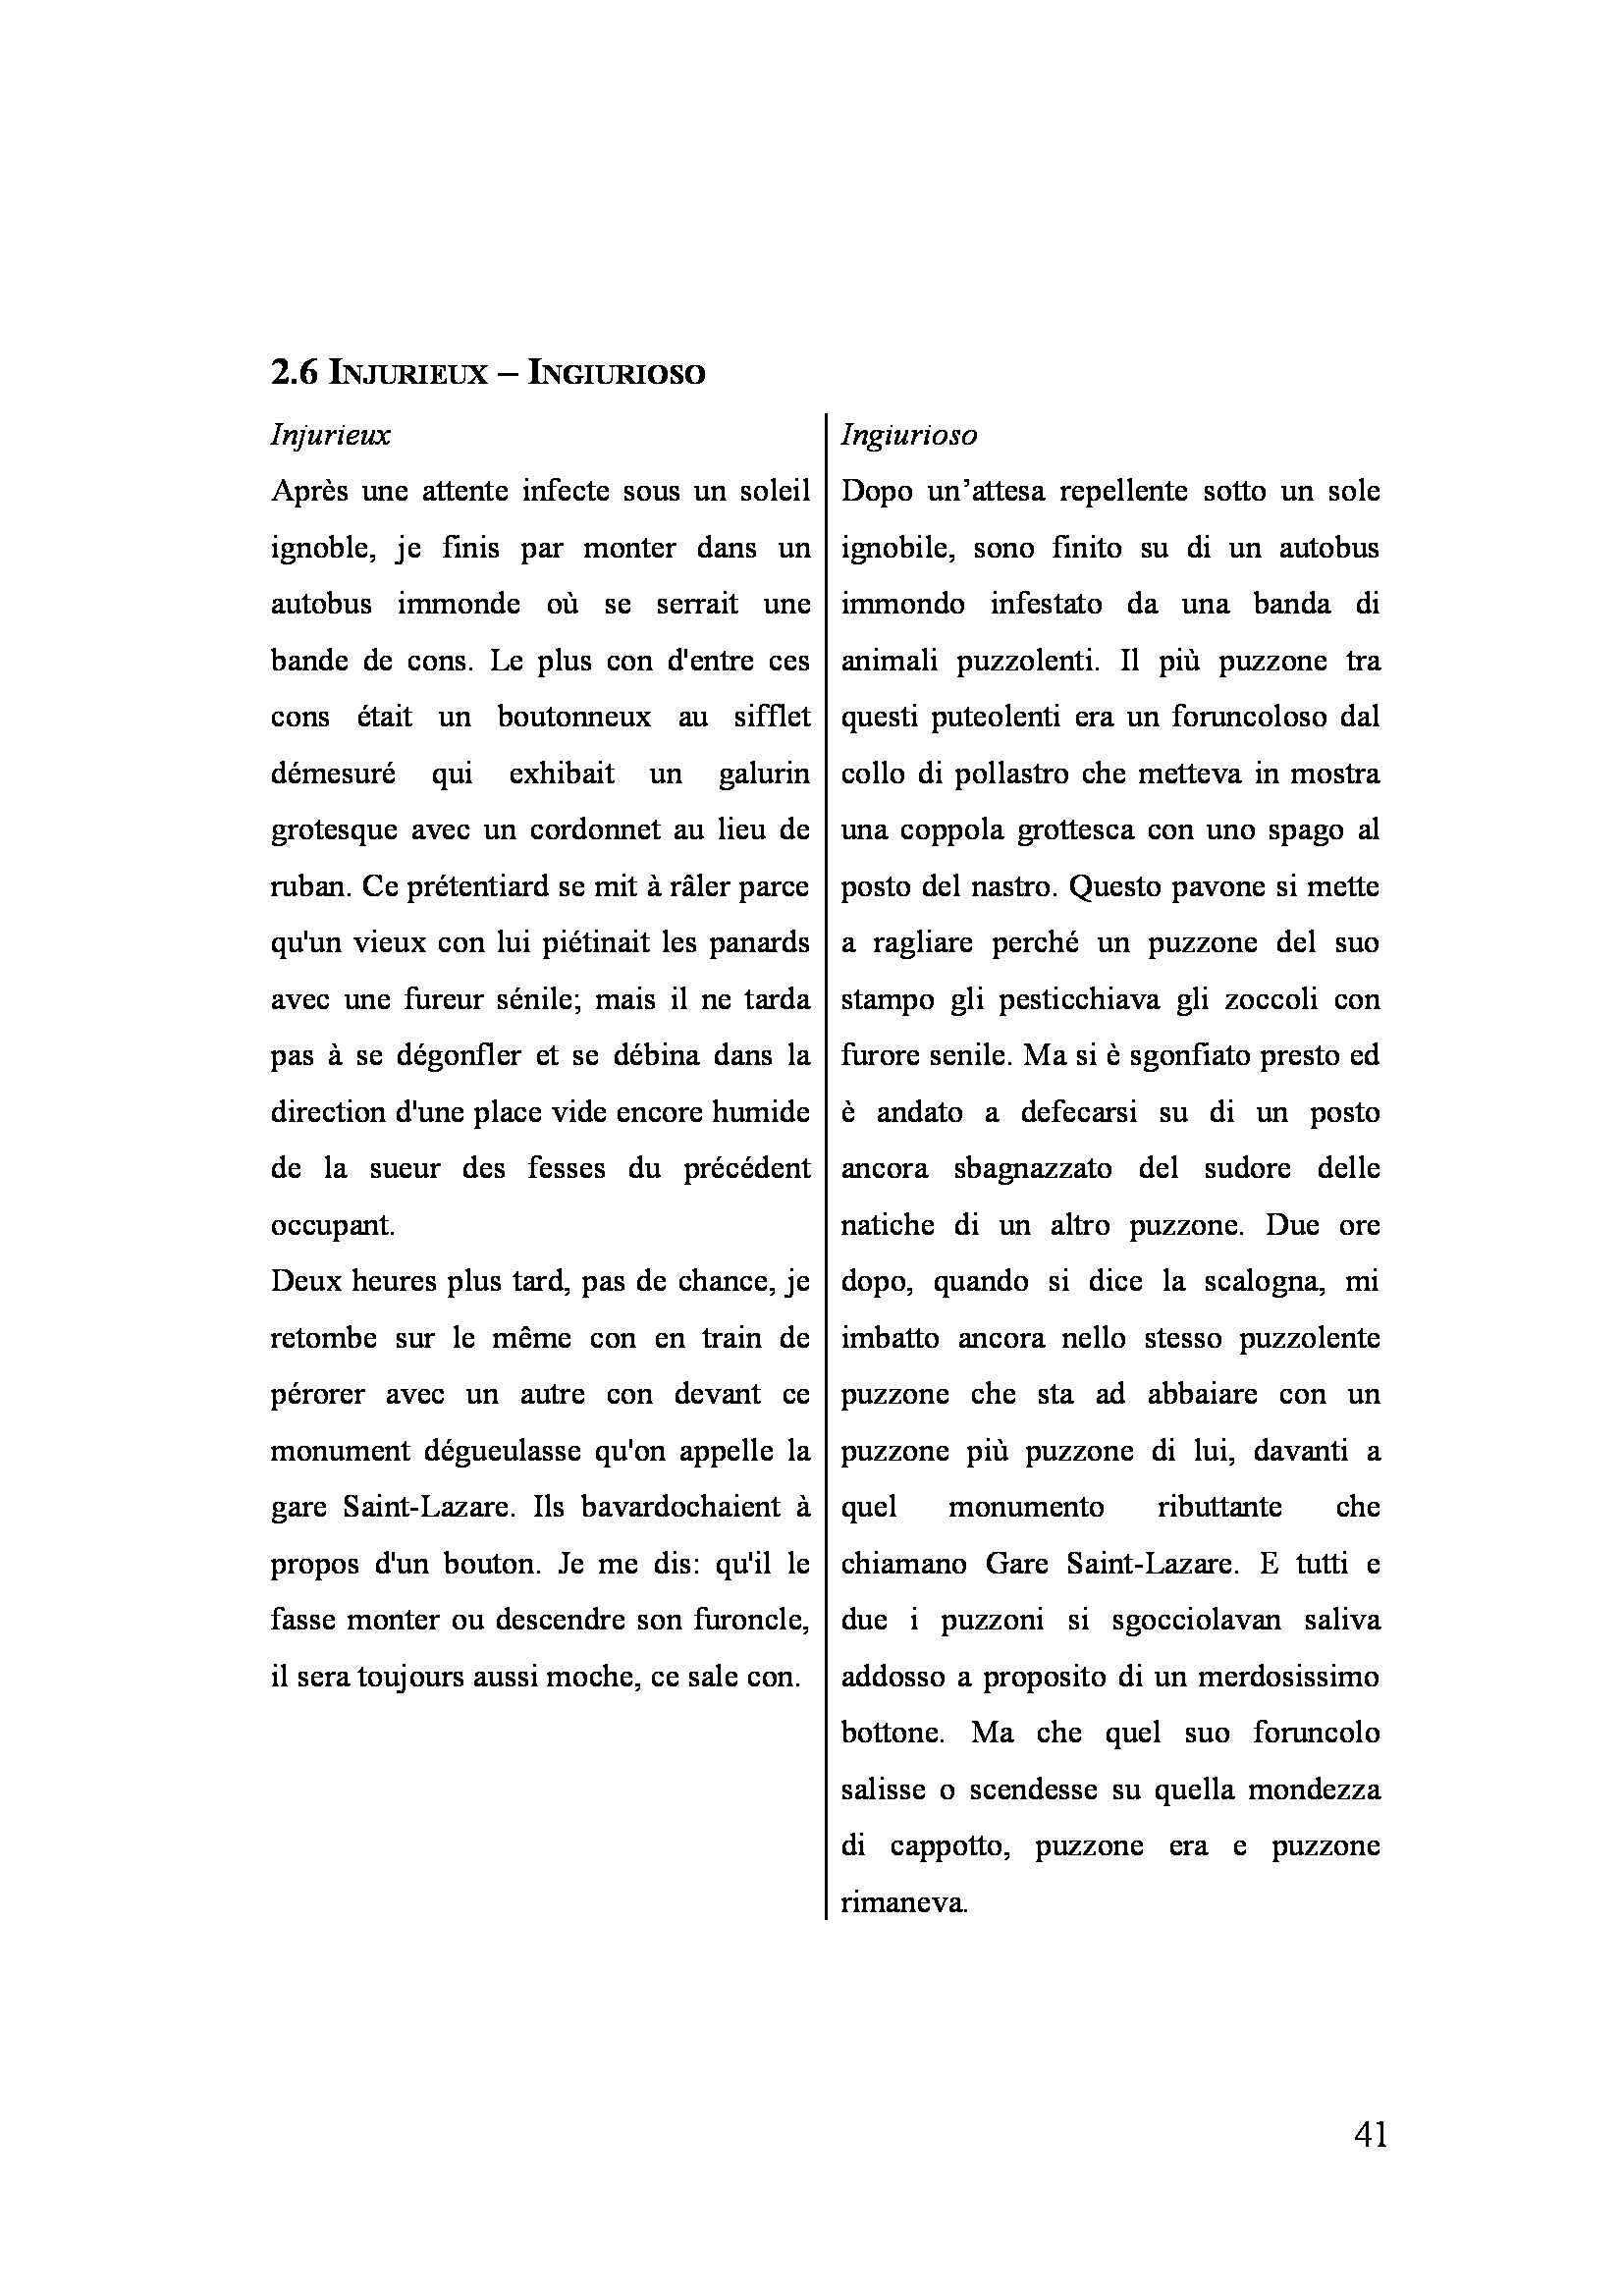 Tesi triennale - Gli Exercices de Style nella traduzione di Umberto Eco Pag. 41